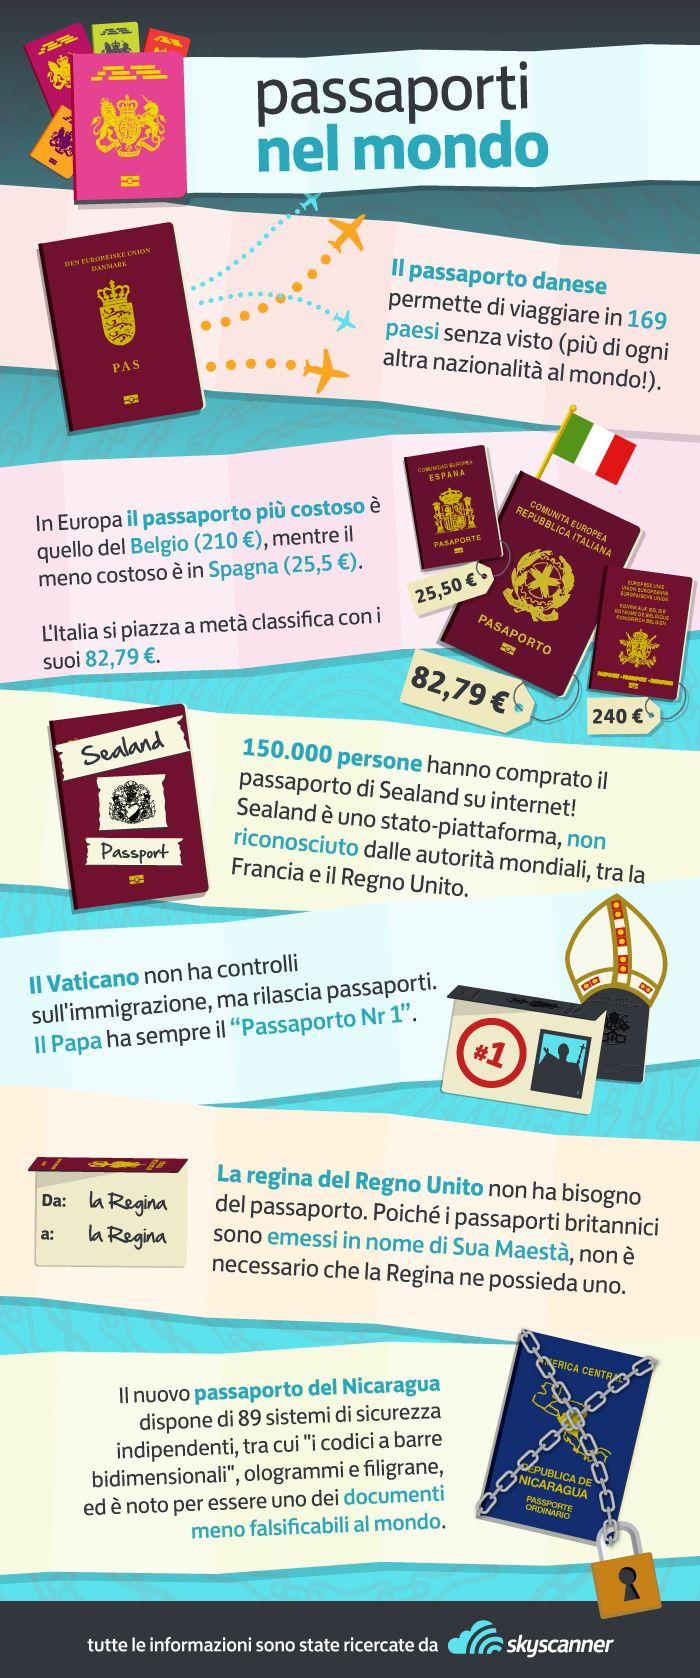 #Passaporti nel mondo. Tutte le curiosità sui passaporti delle diverse nazioni del pianeta.